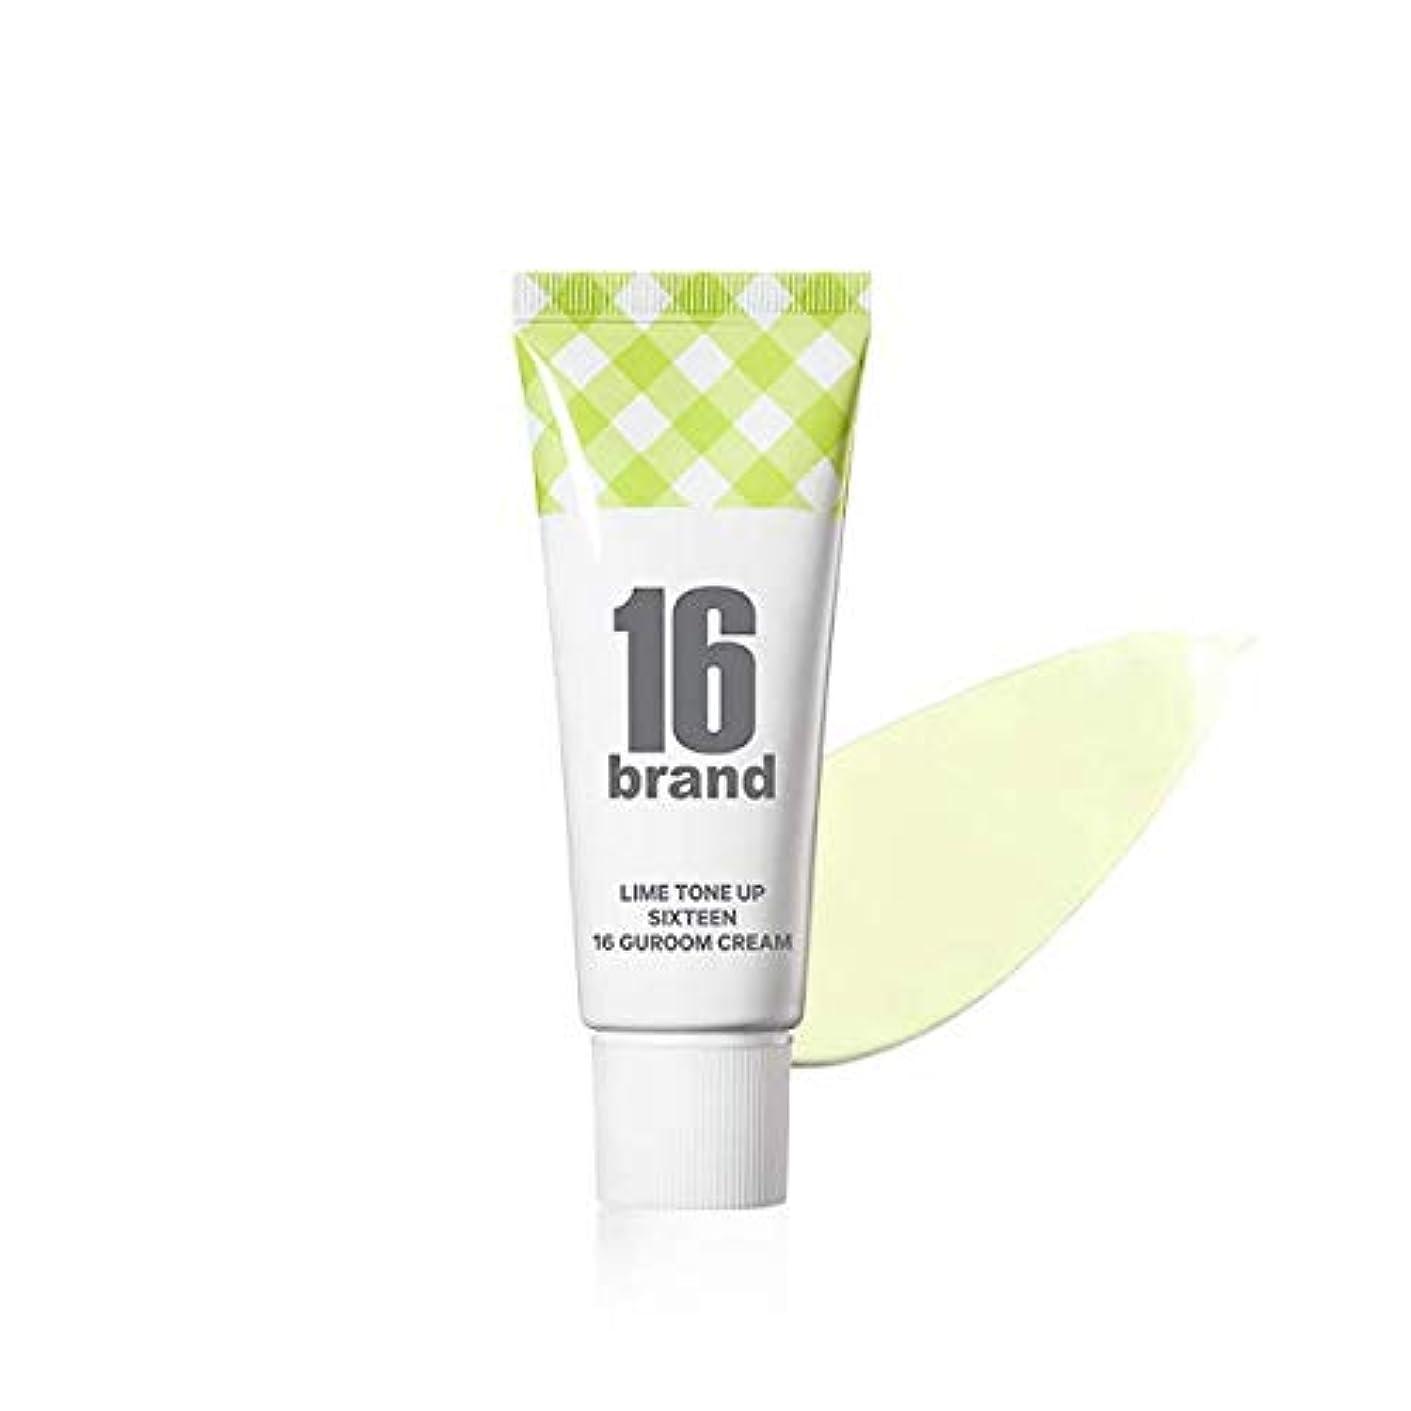 ゲートウェイ文明化イル16 Brand Sixteen Guroom Lime Tone Up Cream * 30ml (tube type) / 16ブランド シックスティーン クルム ライムクリーム SPF30 PA++ [並行輸入品]